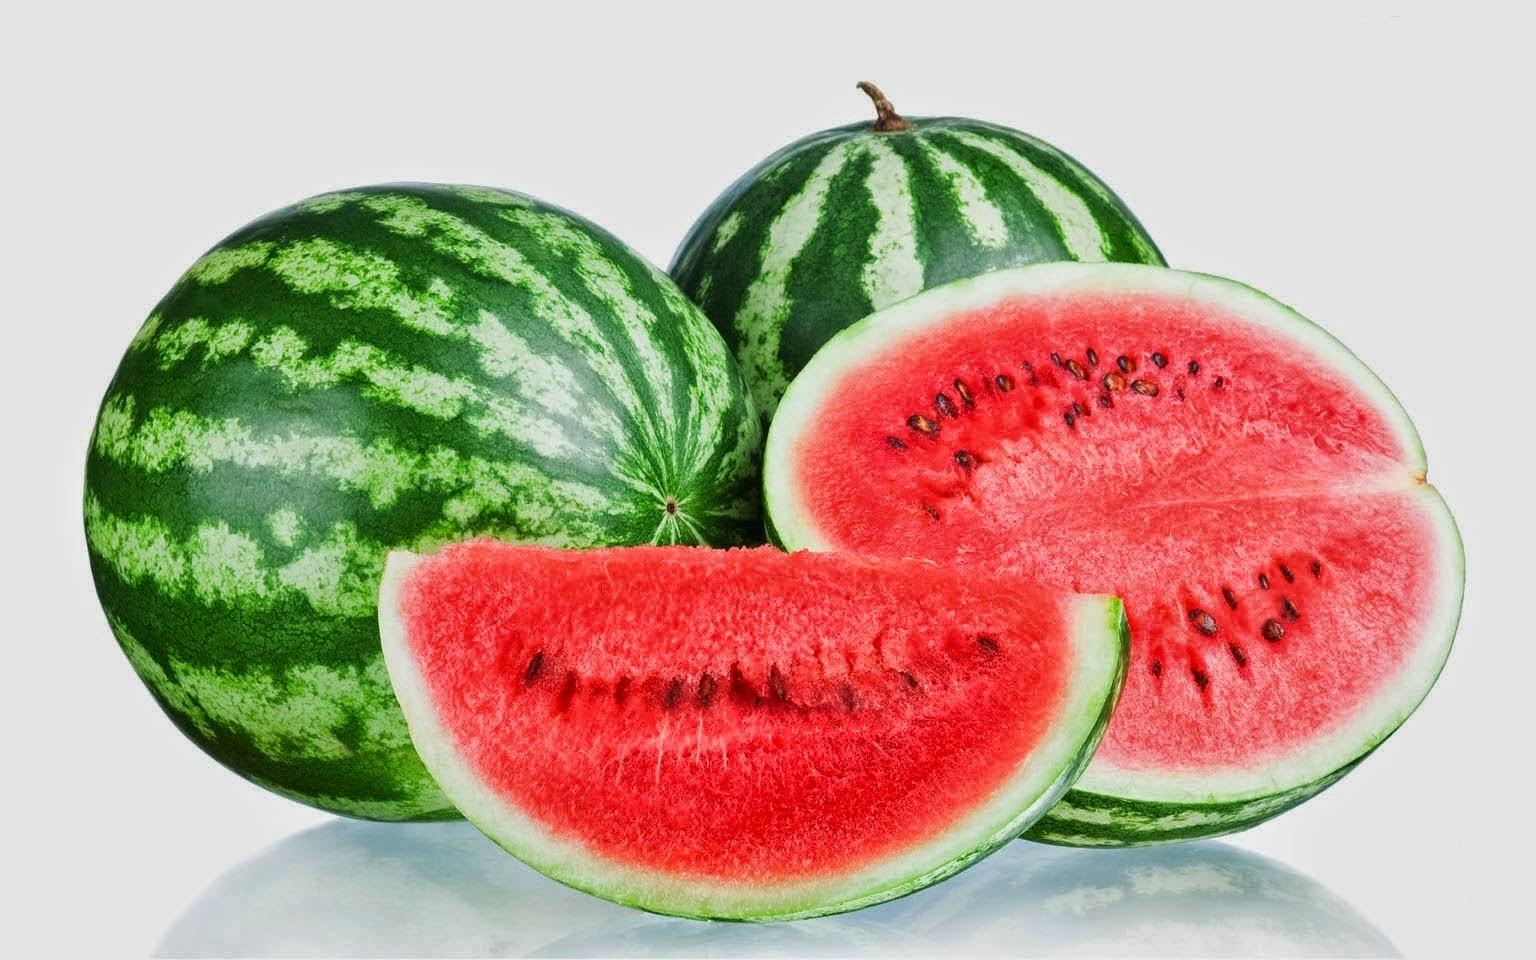 http://tipspetani.blogspot.com/2014/12/kandungan-buah-semangka-yang-bermanfaat.html